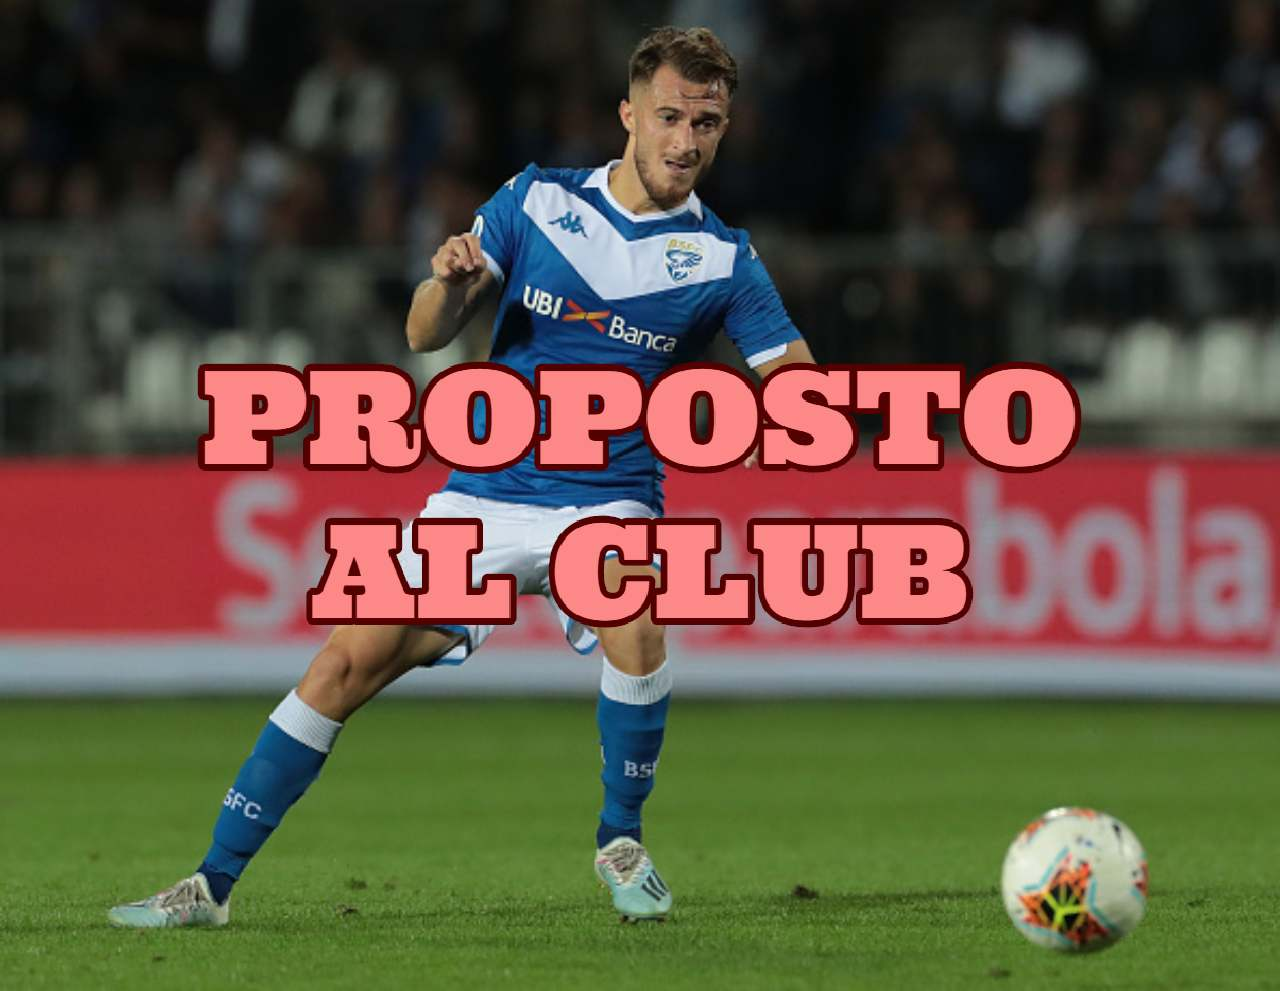 Calciomercato Salernitana, ritorno dal Brescia: idea Donnraumma,